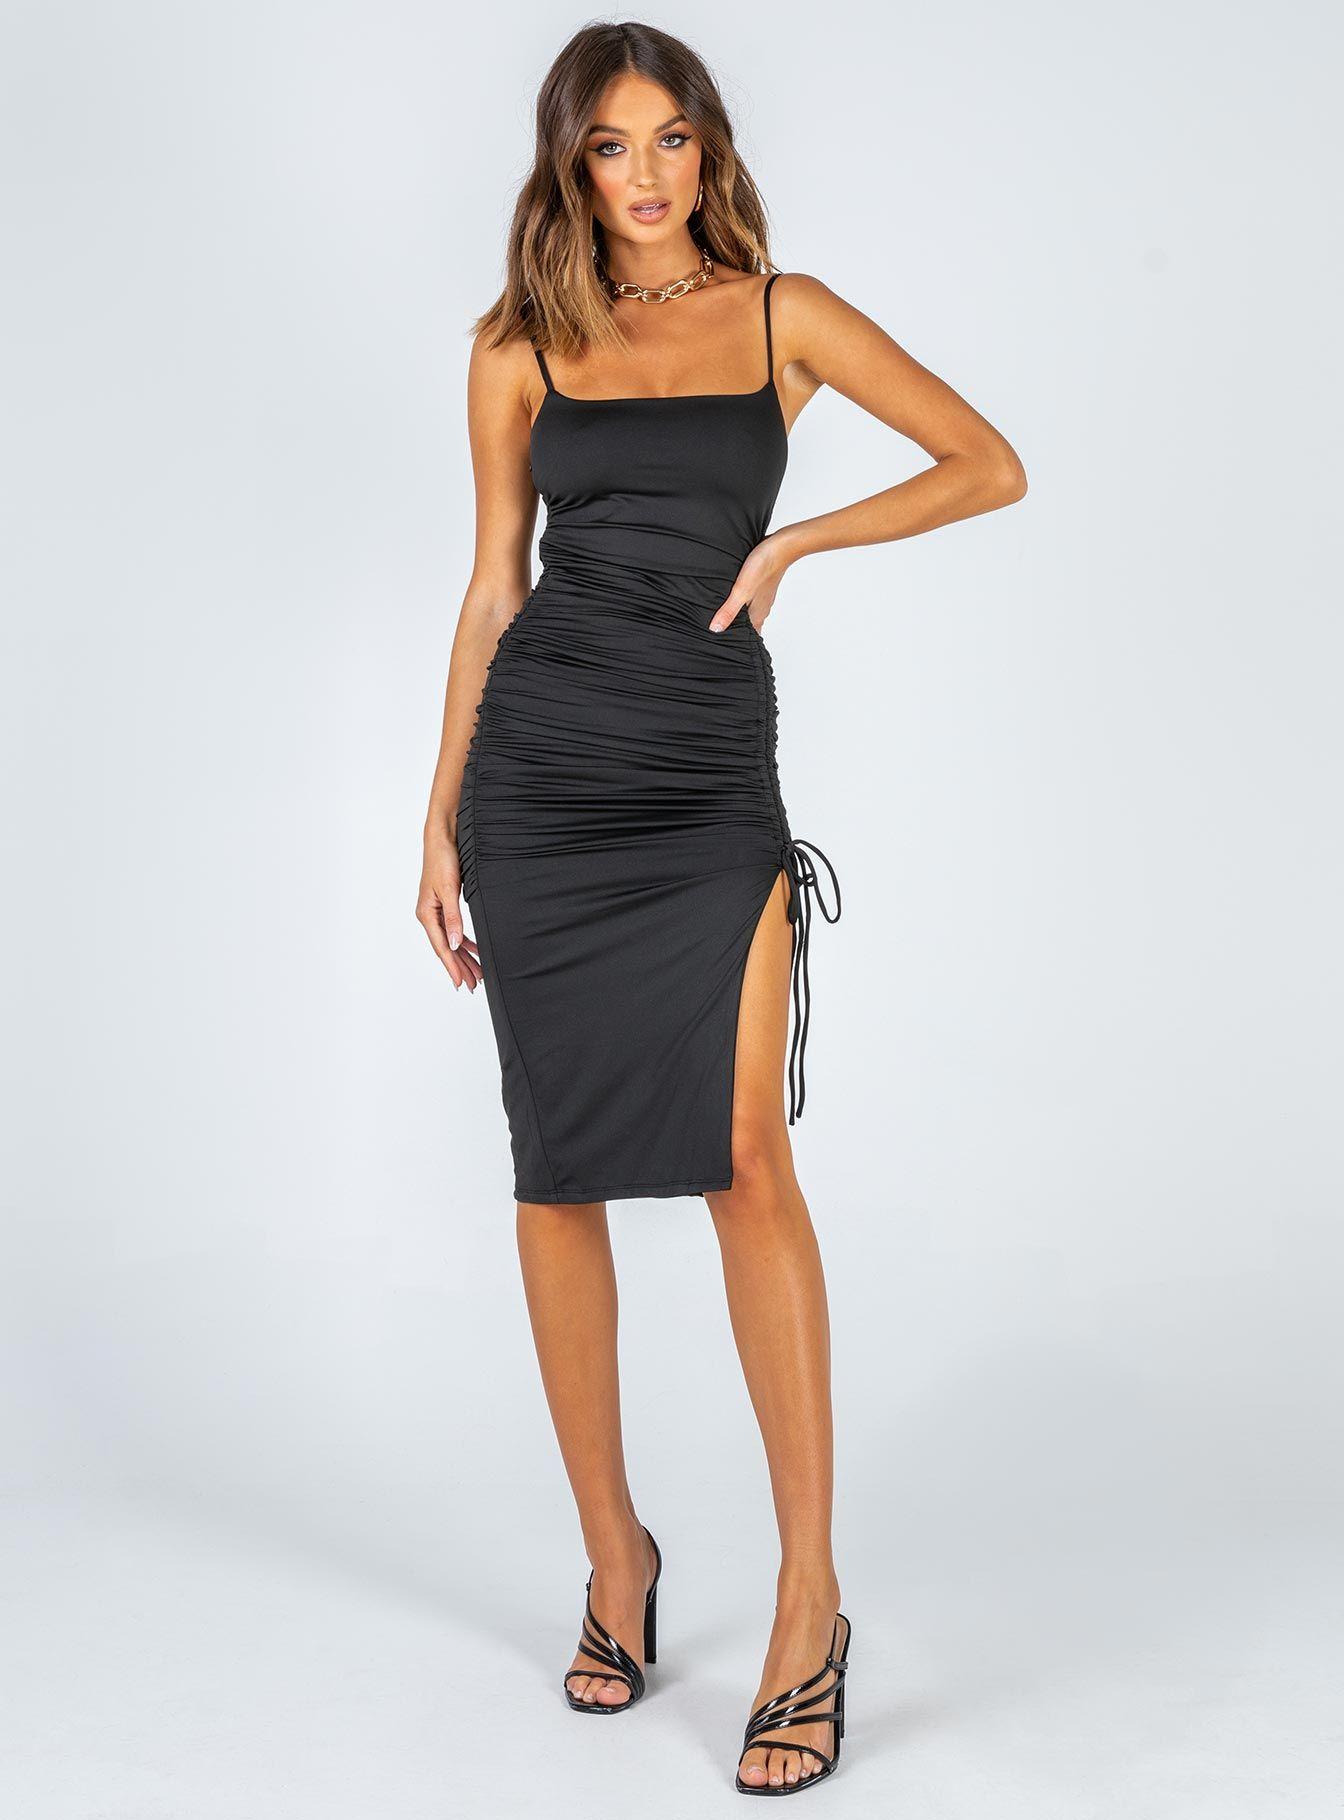 Adalee Midi Dress Black Black Midi Dress Dresses Midi Dress [ 1820 x 1344 Pixel ]